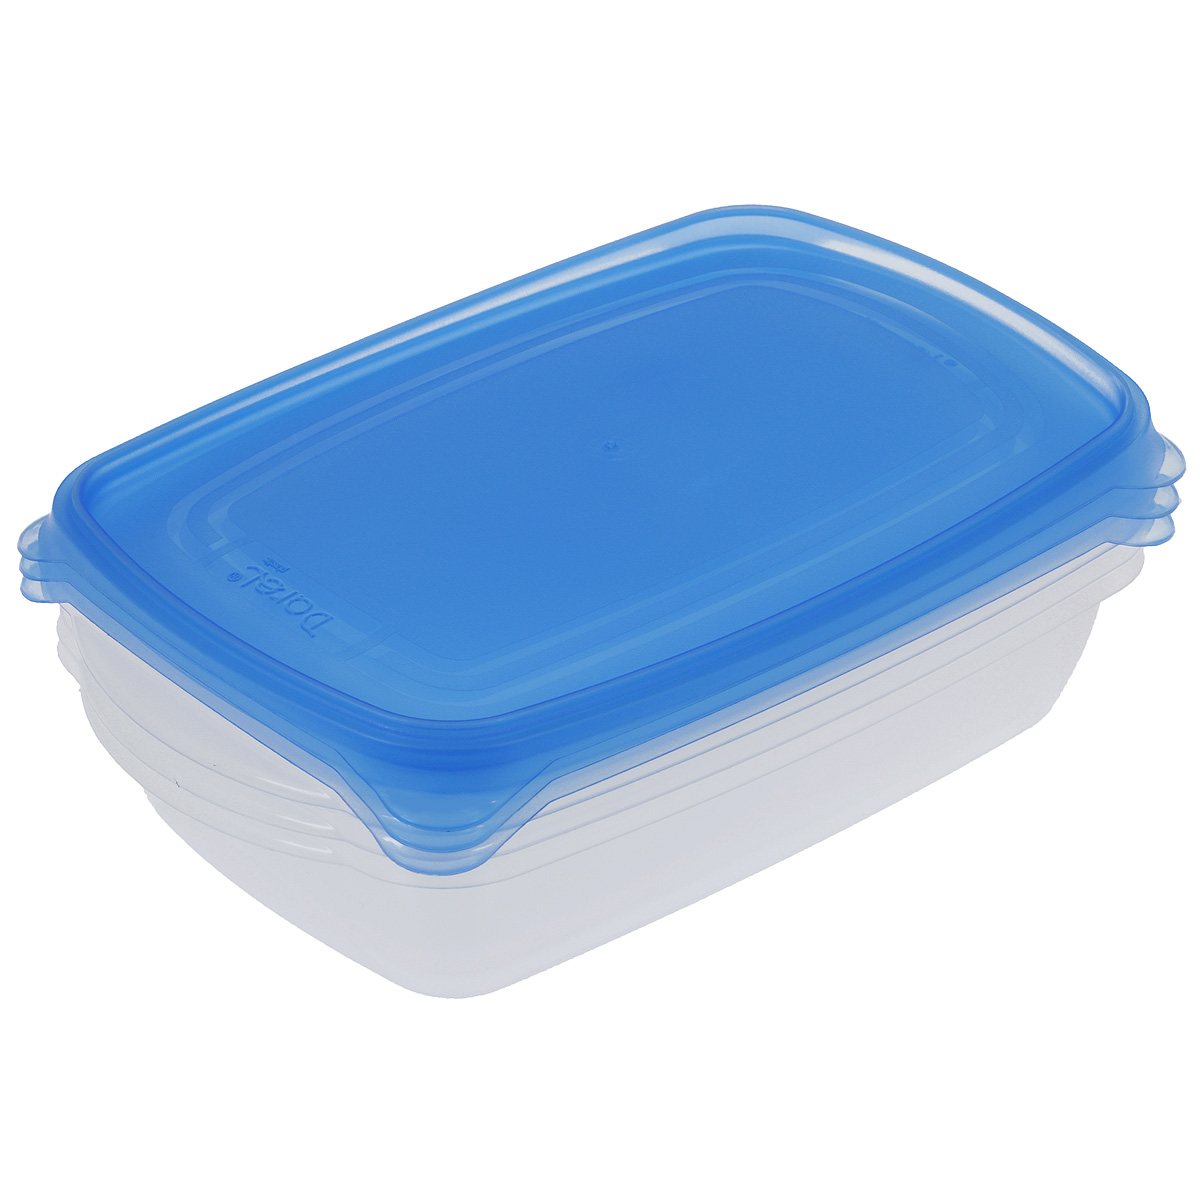 """Набор """"Darel"""" состоит из трех прямоугольных контейнеров. Изделия  выполнены из высококачественного пищевого полипропилена. Крышки легко  открываются и плотно закрываются с помощью легкого щелчка. Подходят для хранения и транспортировки пищи. Складываются друг в друга, что  экономит пространство при хранении в шкафу.  Контейнеры подходят для использования в микроволновой печи без крышек, а  также для заморозки в морозильной камере. Можно мыть в посудомоечной  машине."""